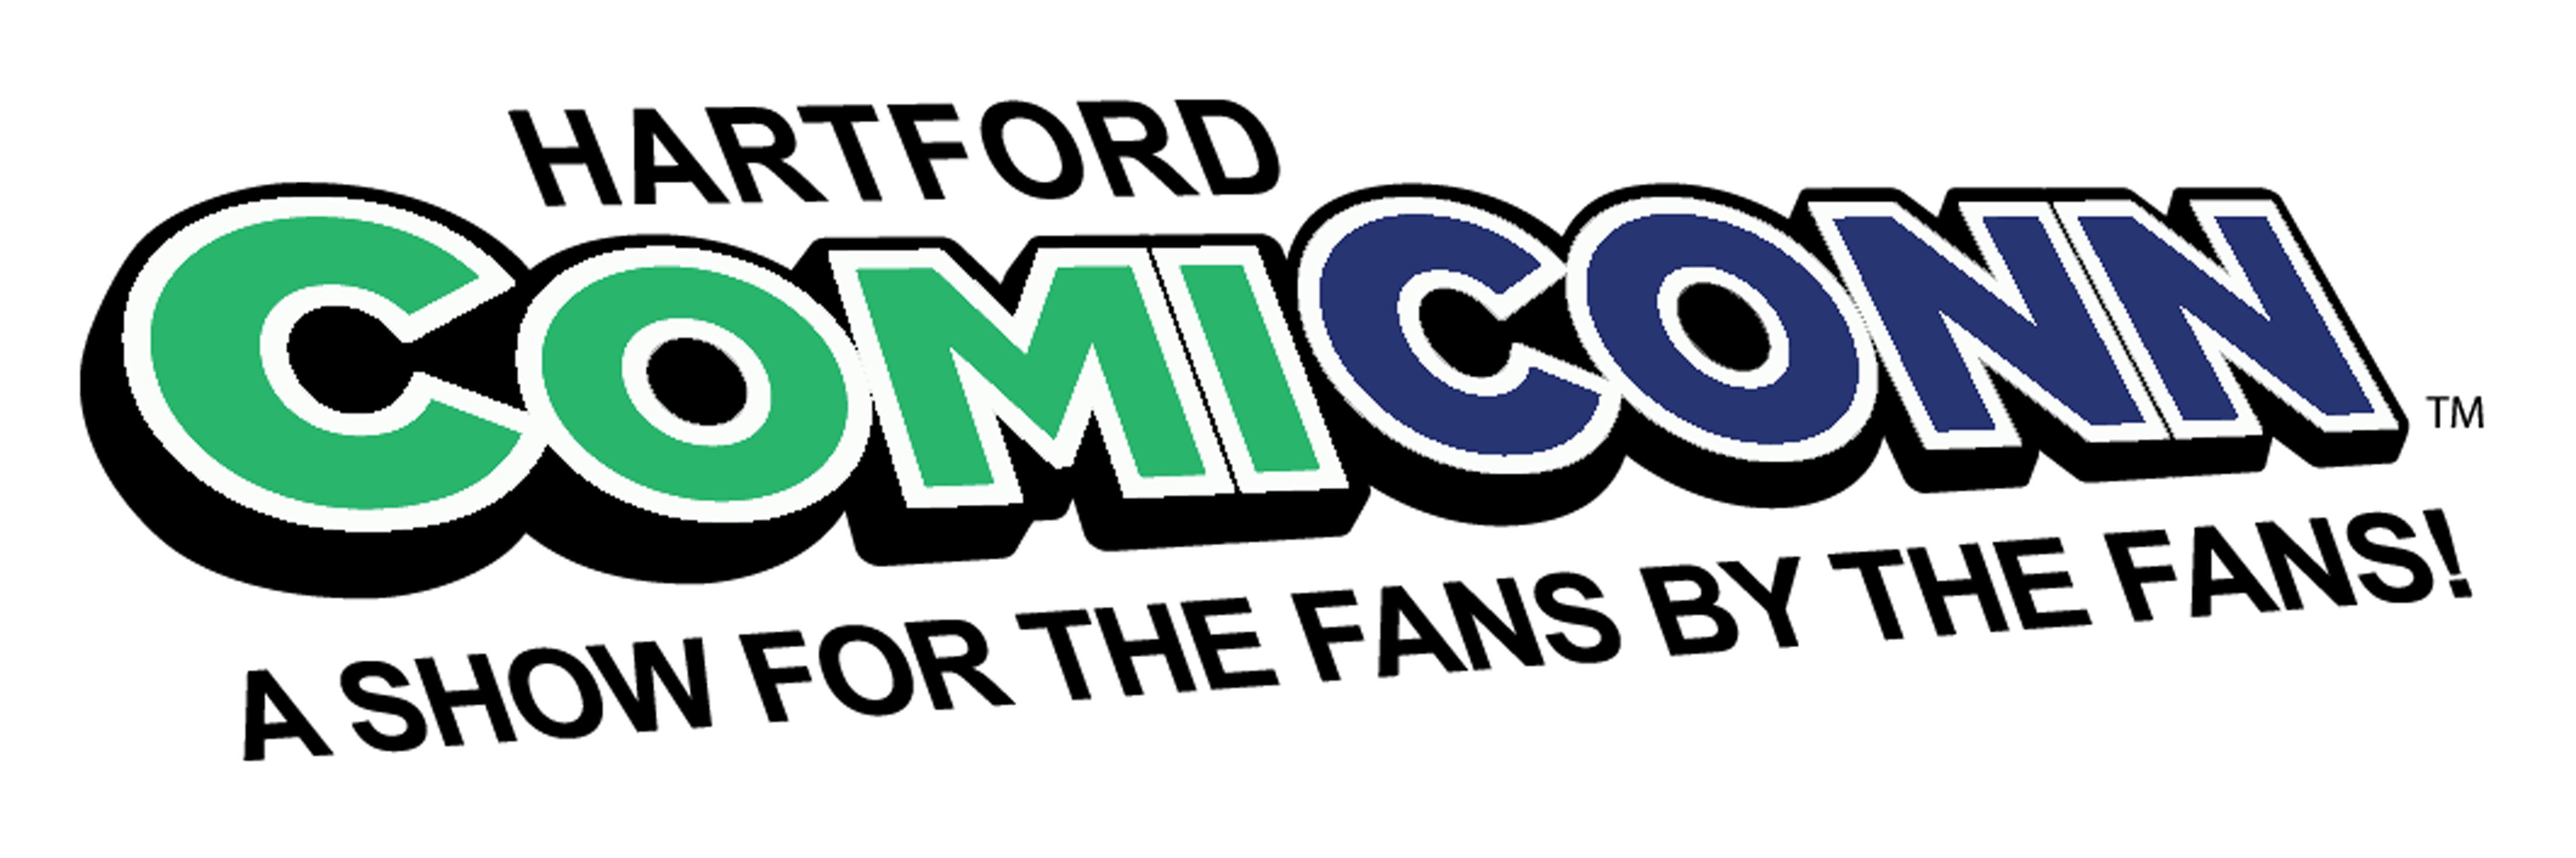 Hartford ComiConn